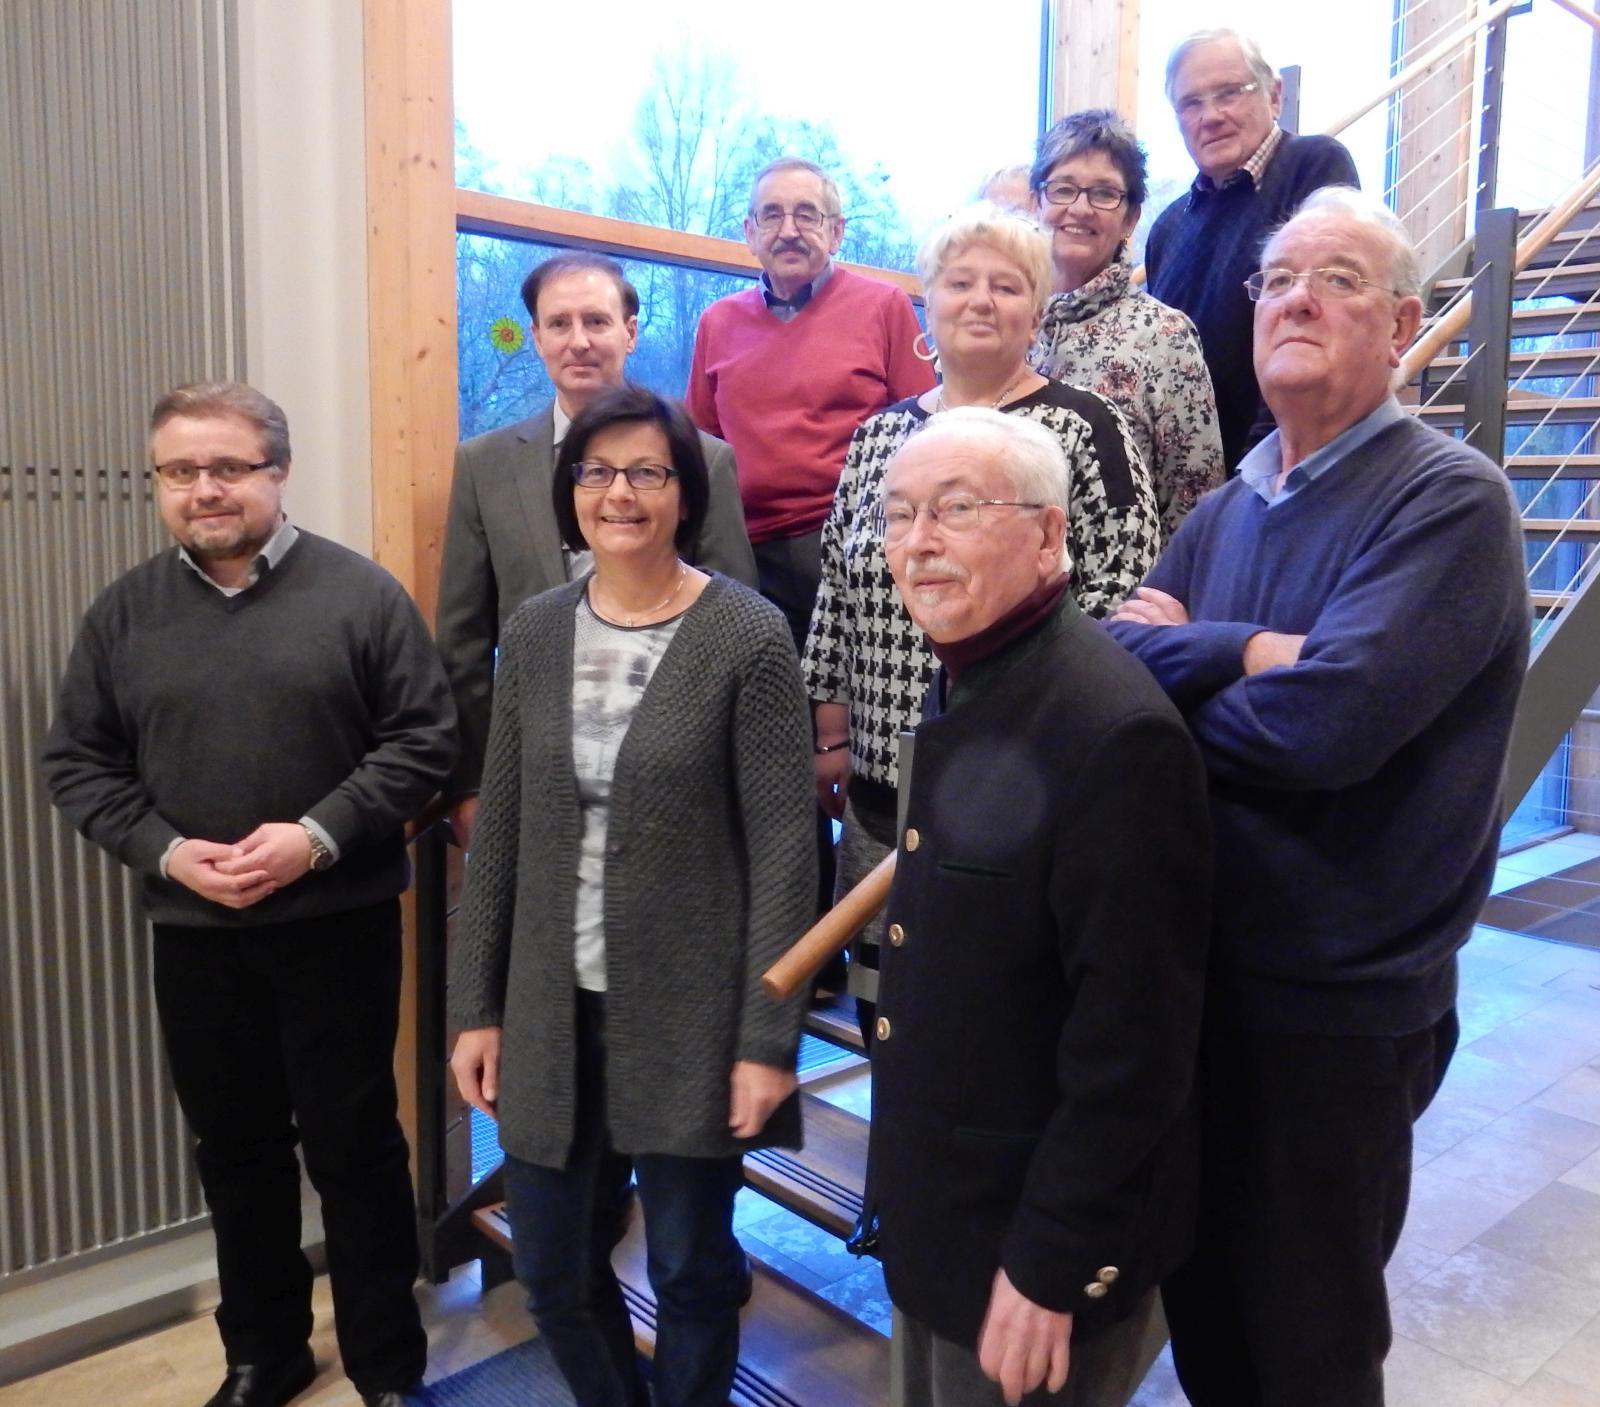 Mitgliederversammlung des Katholischen Vereins für Ambulante Krankenpflege